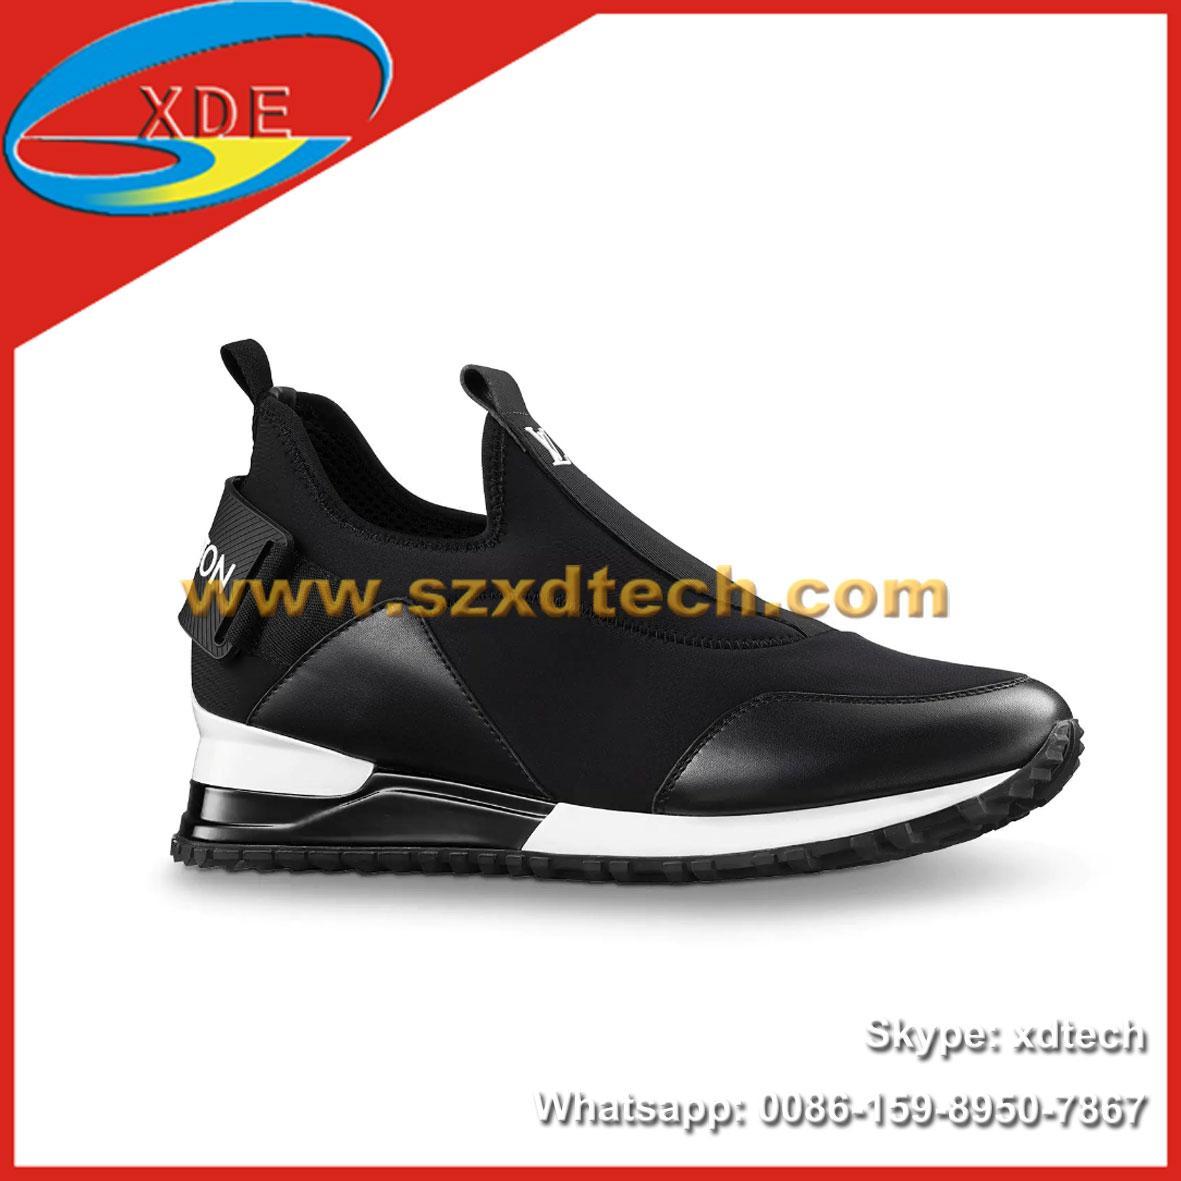 bd9e2b8e0d3 Louis Vuitton SNEAKER Women s Shoes LV Sports Shoes 1A3RQ8 Sneakers -